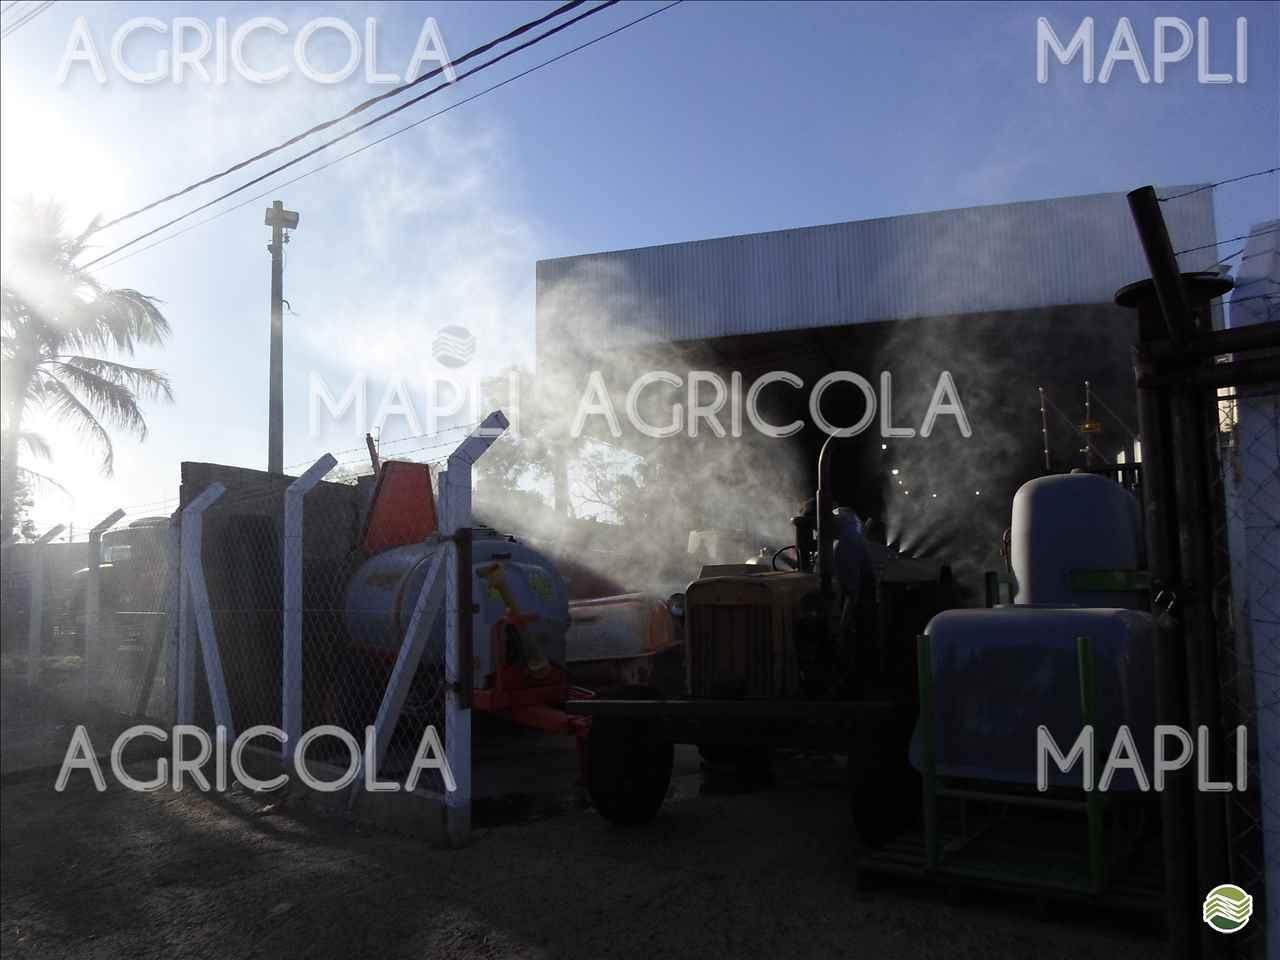 MAPLI ATOM 400 H8  2020/2020 Mapli Agrícola